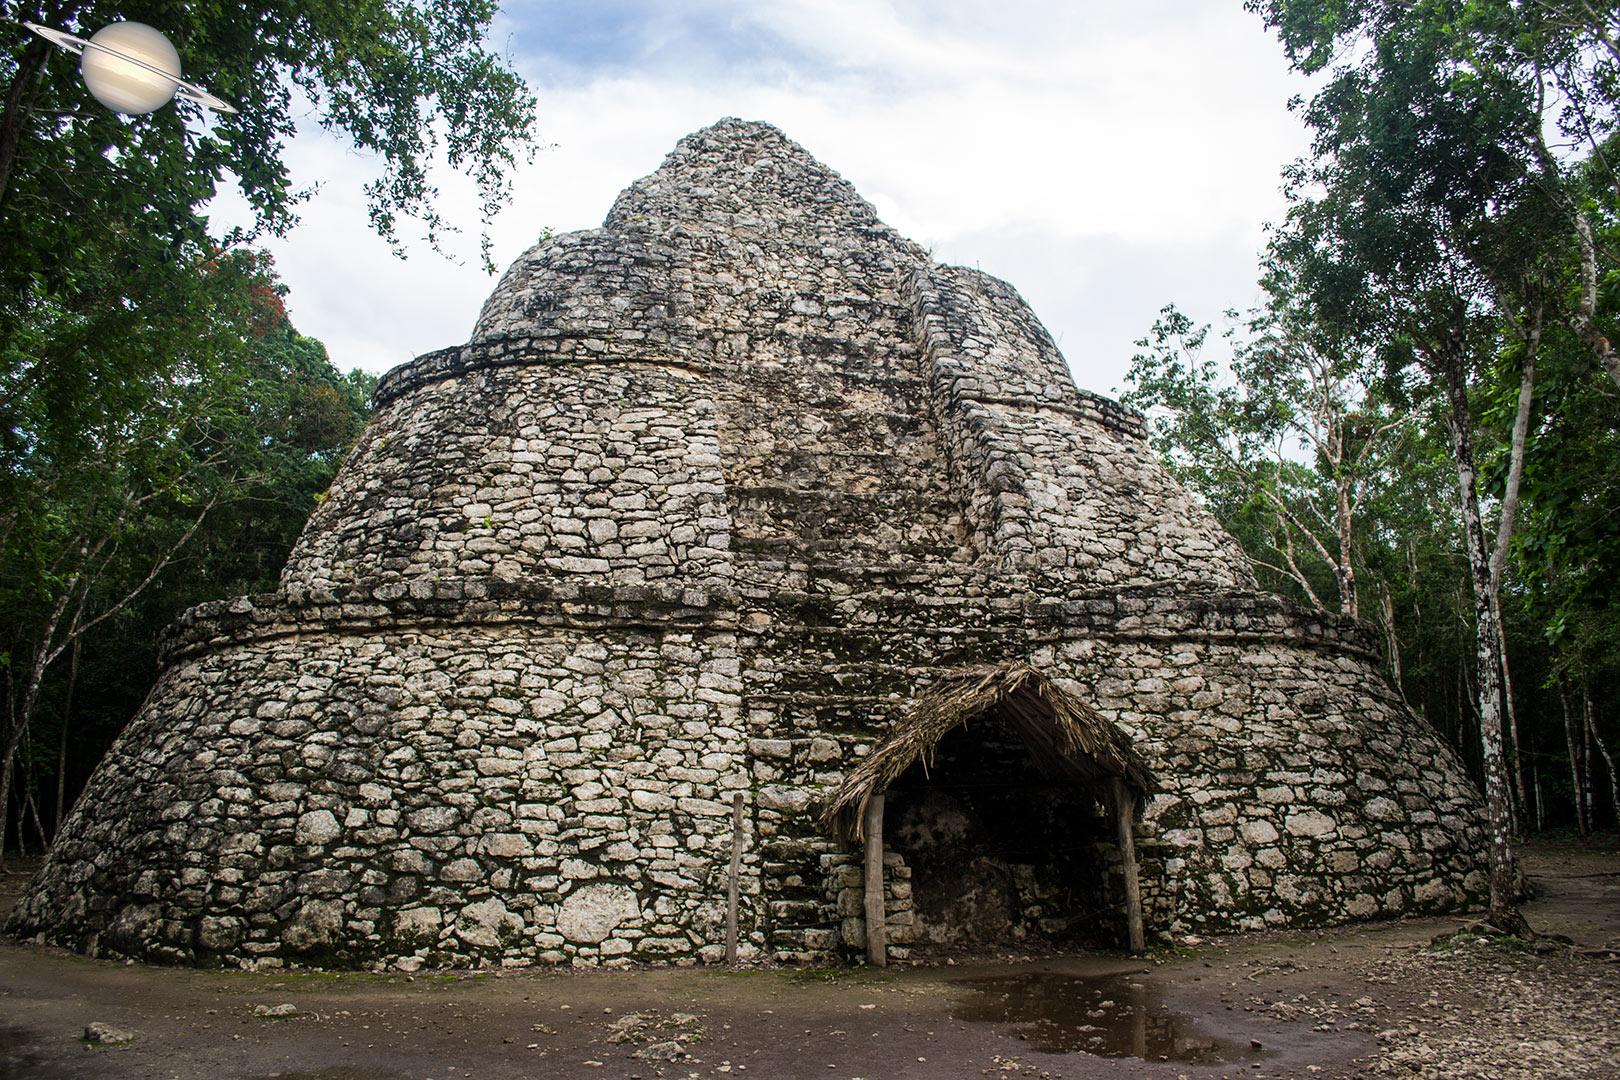 coba yucatan mexico 14 - Suba uma Pirâmide em Coba, Antiga Cidade Maia, México